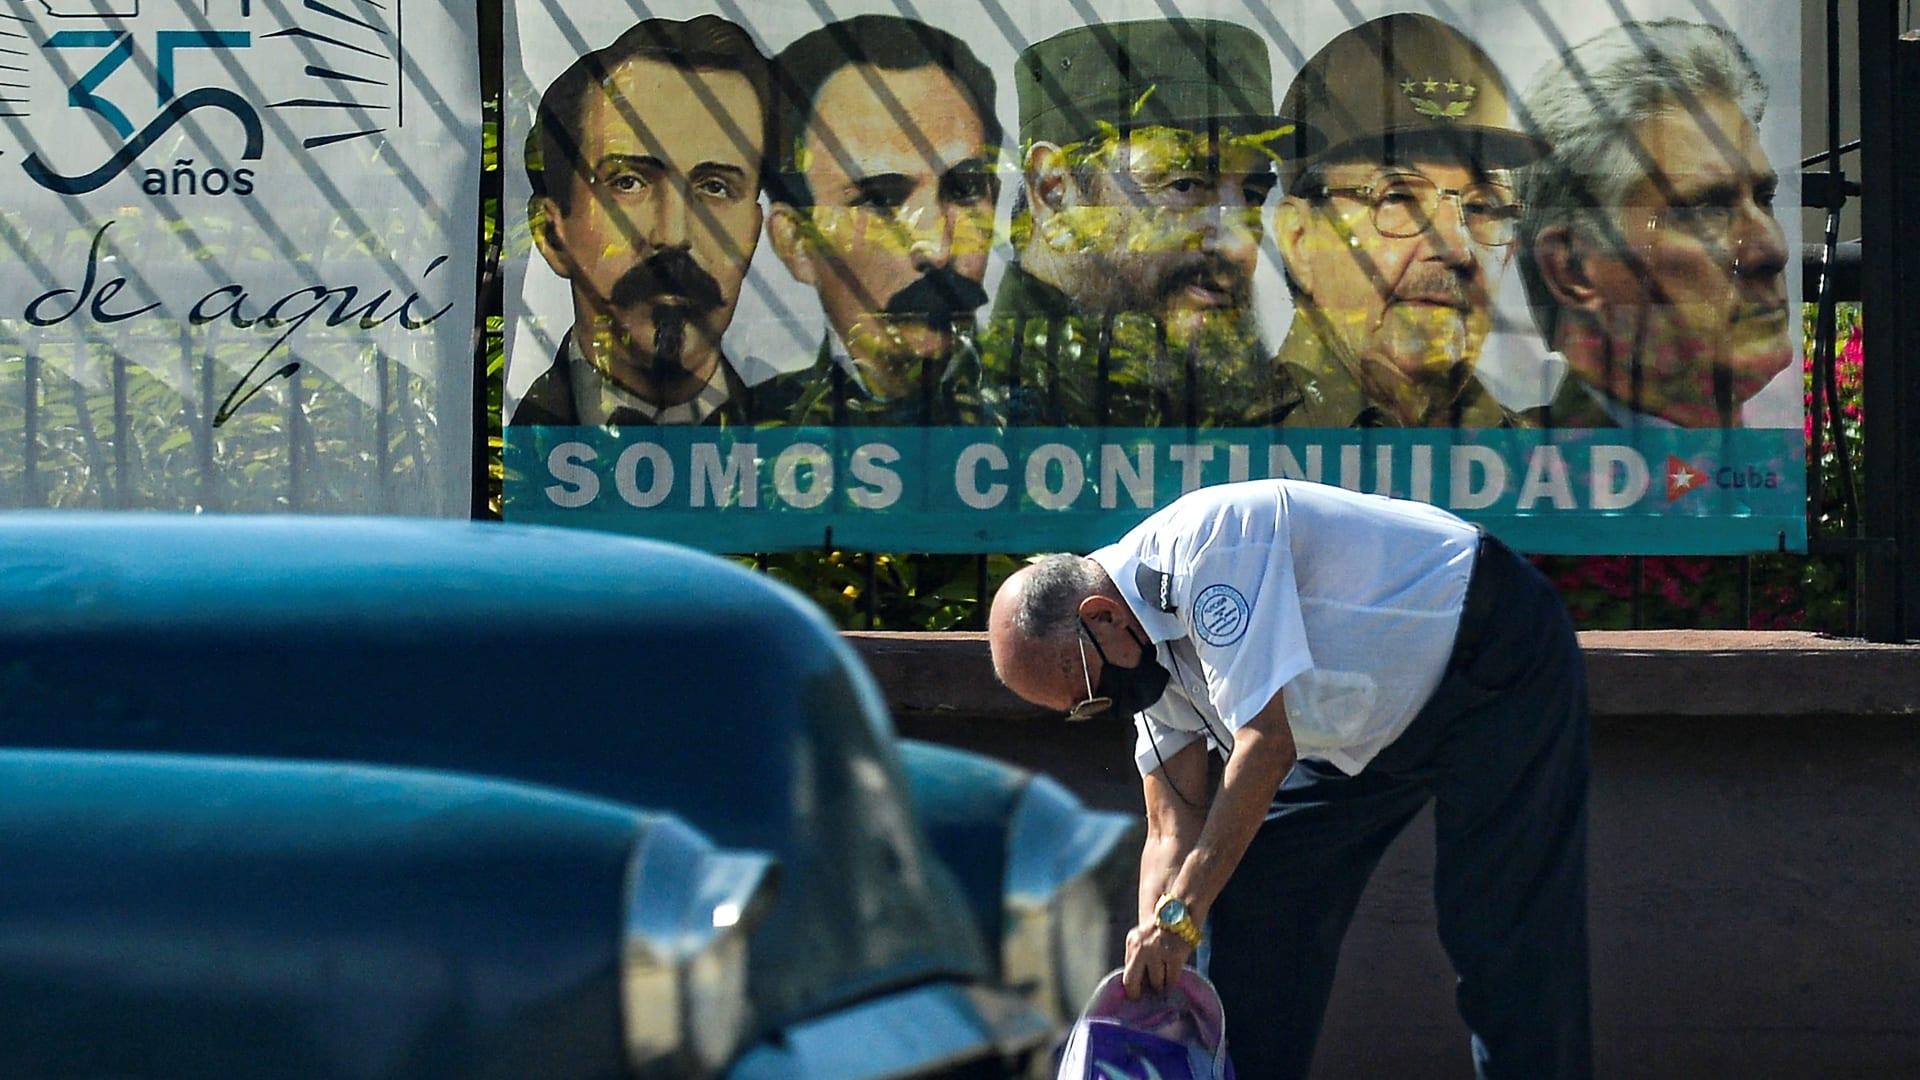 رئيس كوبا راؤول كاسترو يستعد للتنحي لينهي حقبة عشيرته في السلطة منذ 62 عامًا